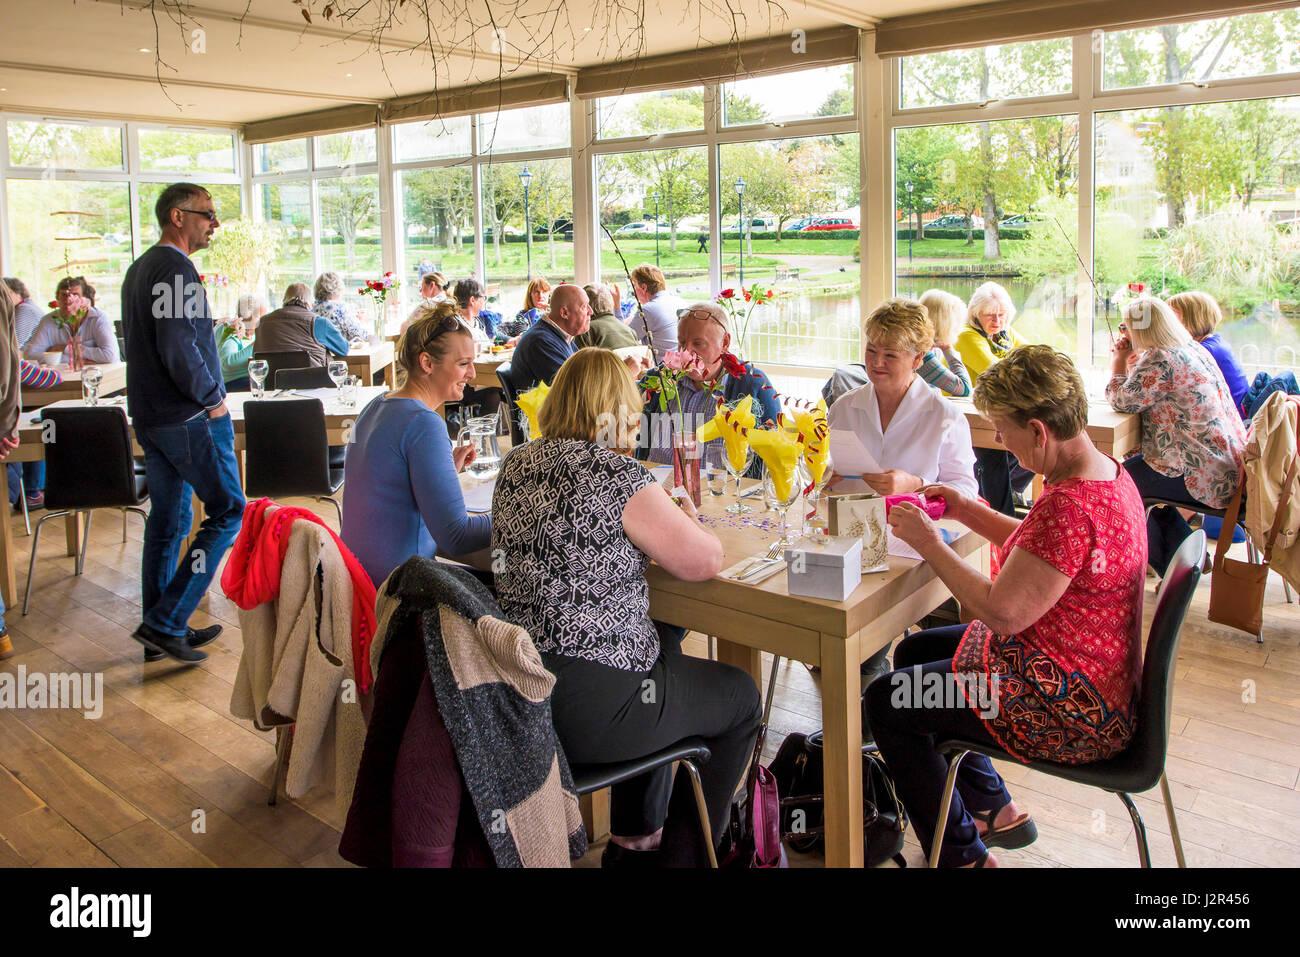 Los comensales disfrutan de una comida en el restaurante del lago en Newquay, Cornwall. Imagen De Stock